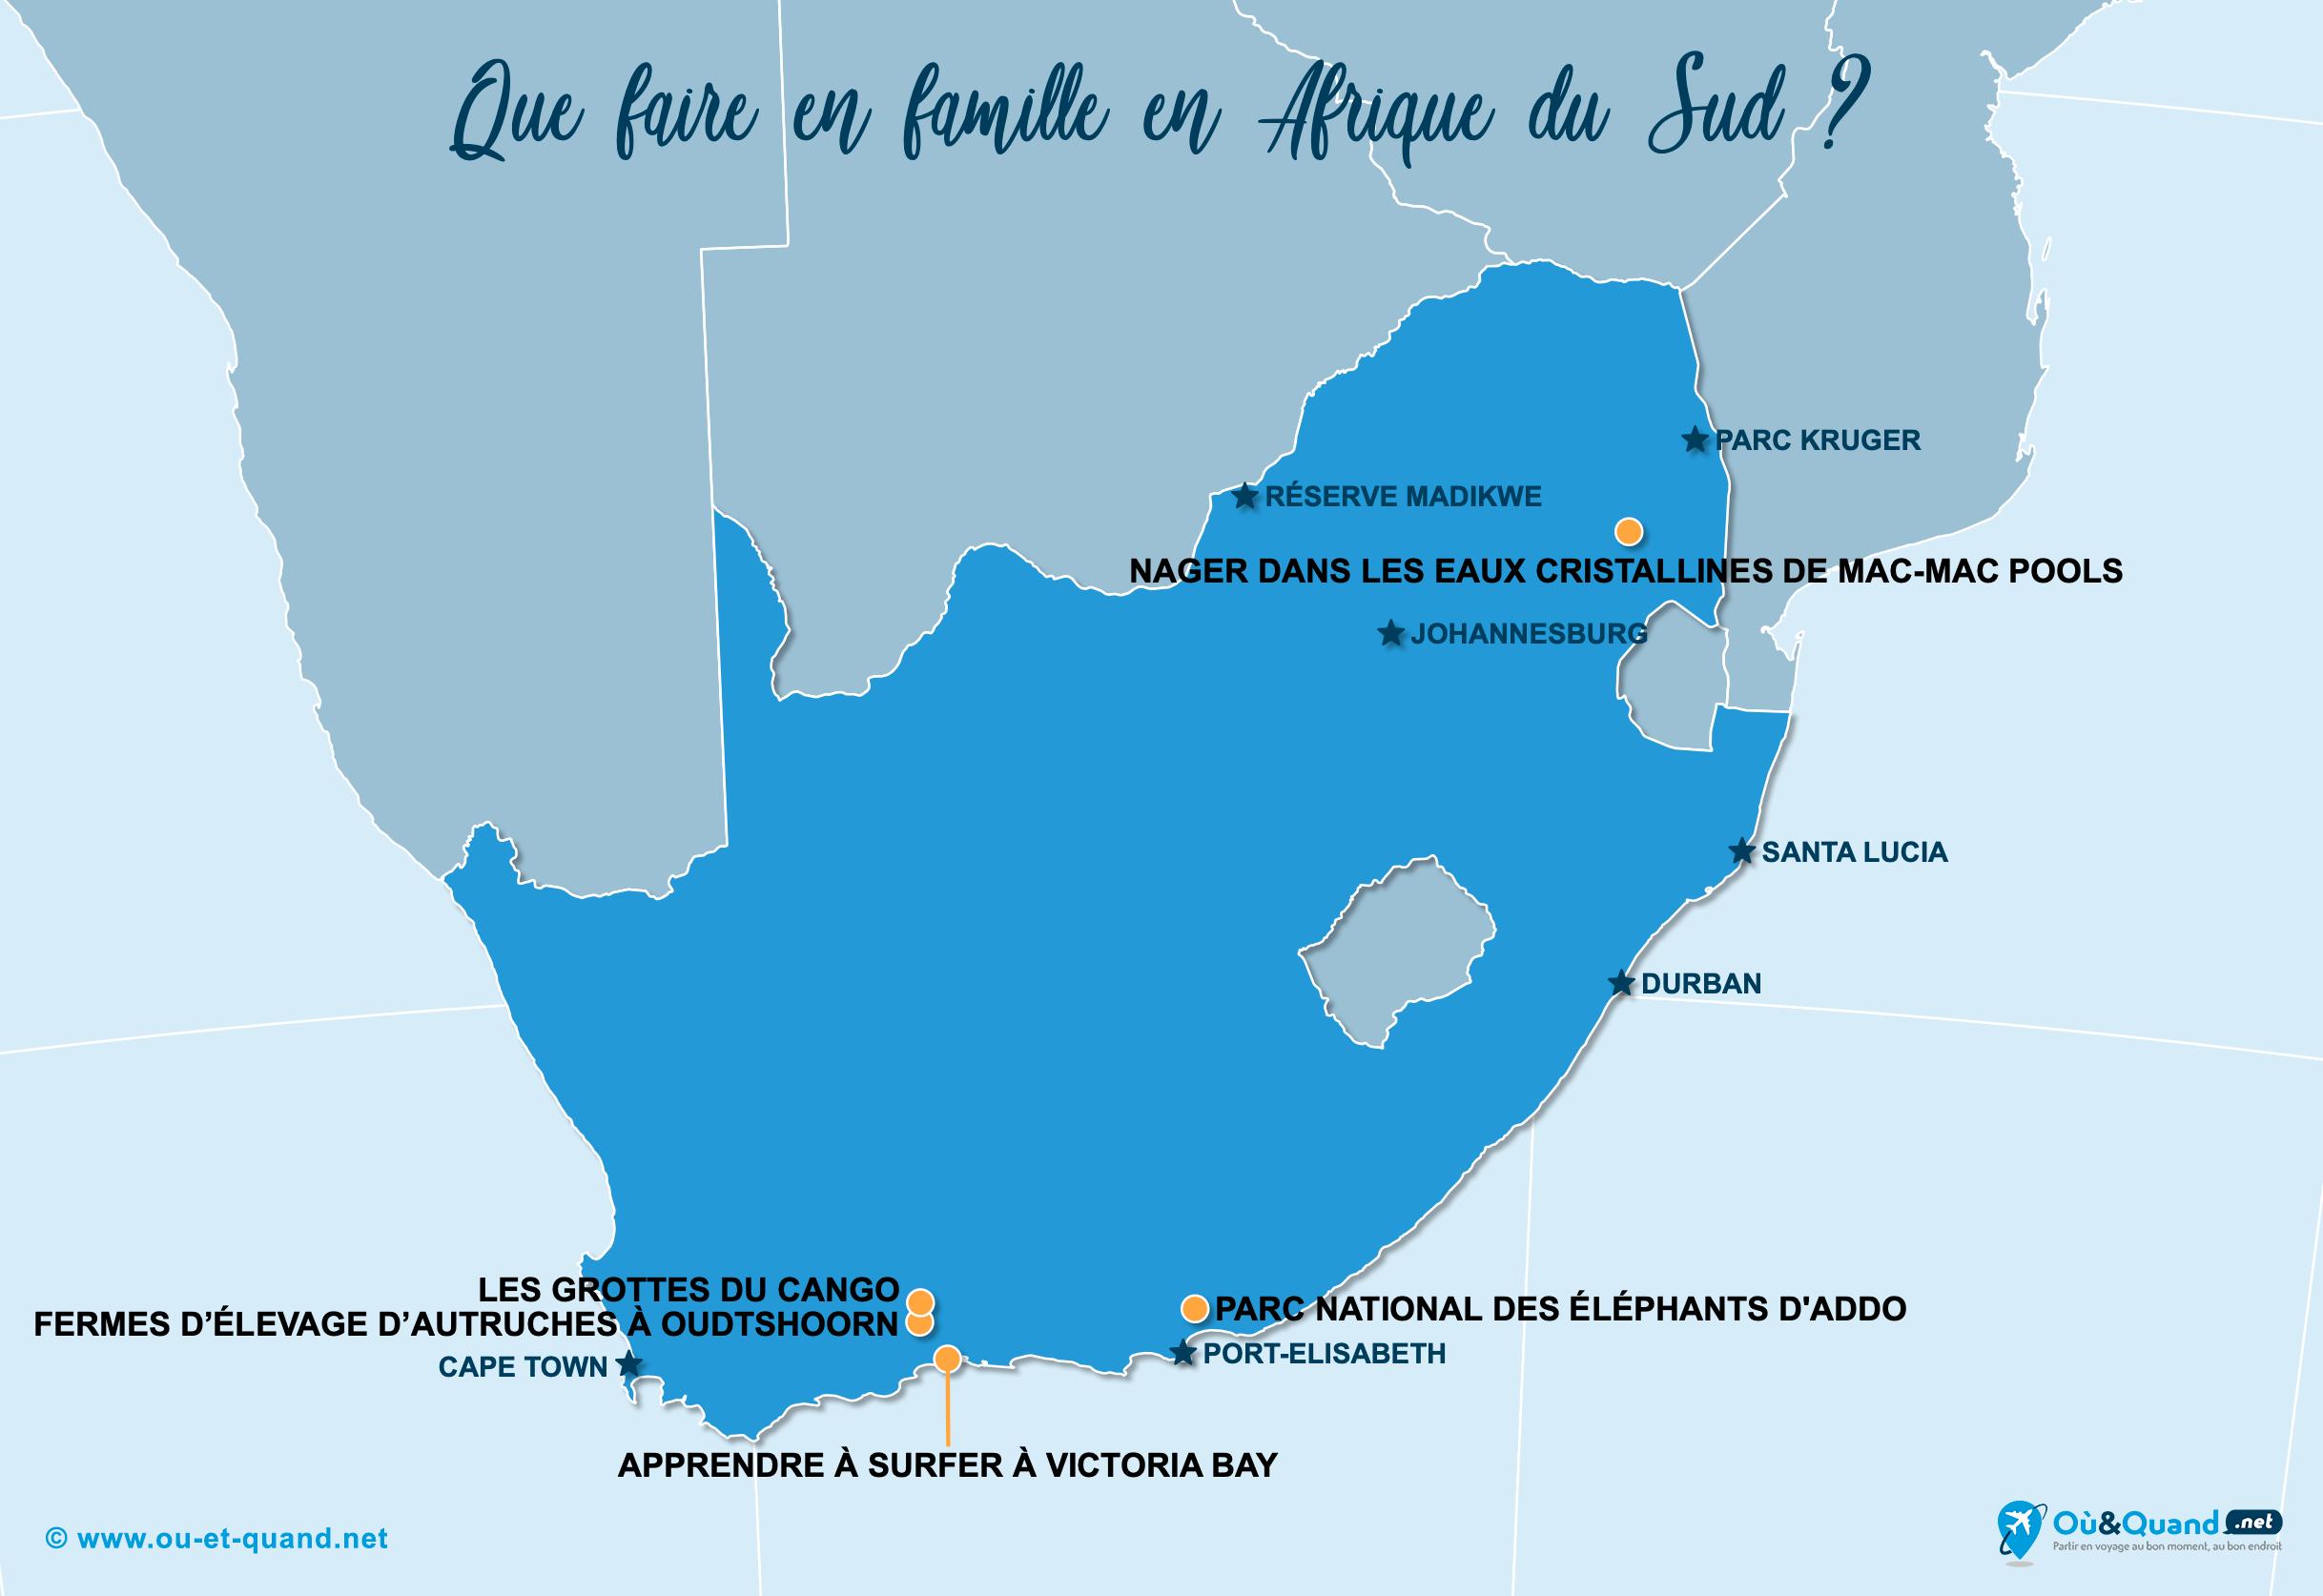 Carte Afrique du Sud : L'Afrique du Sud en famille